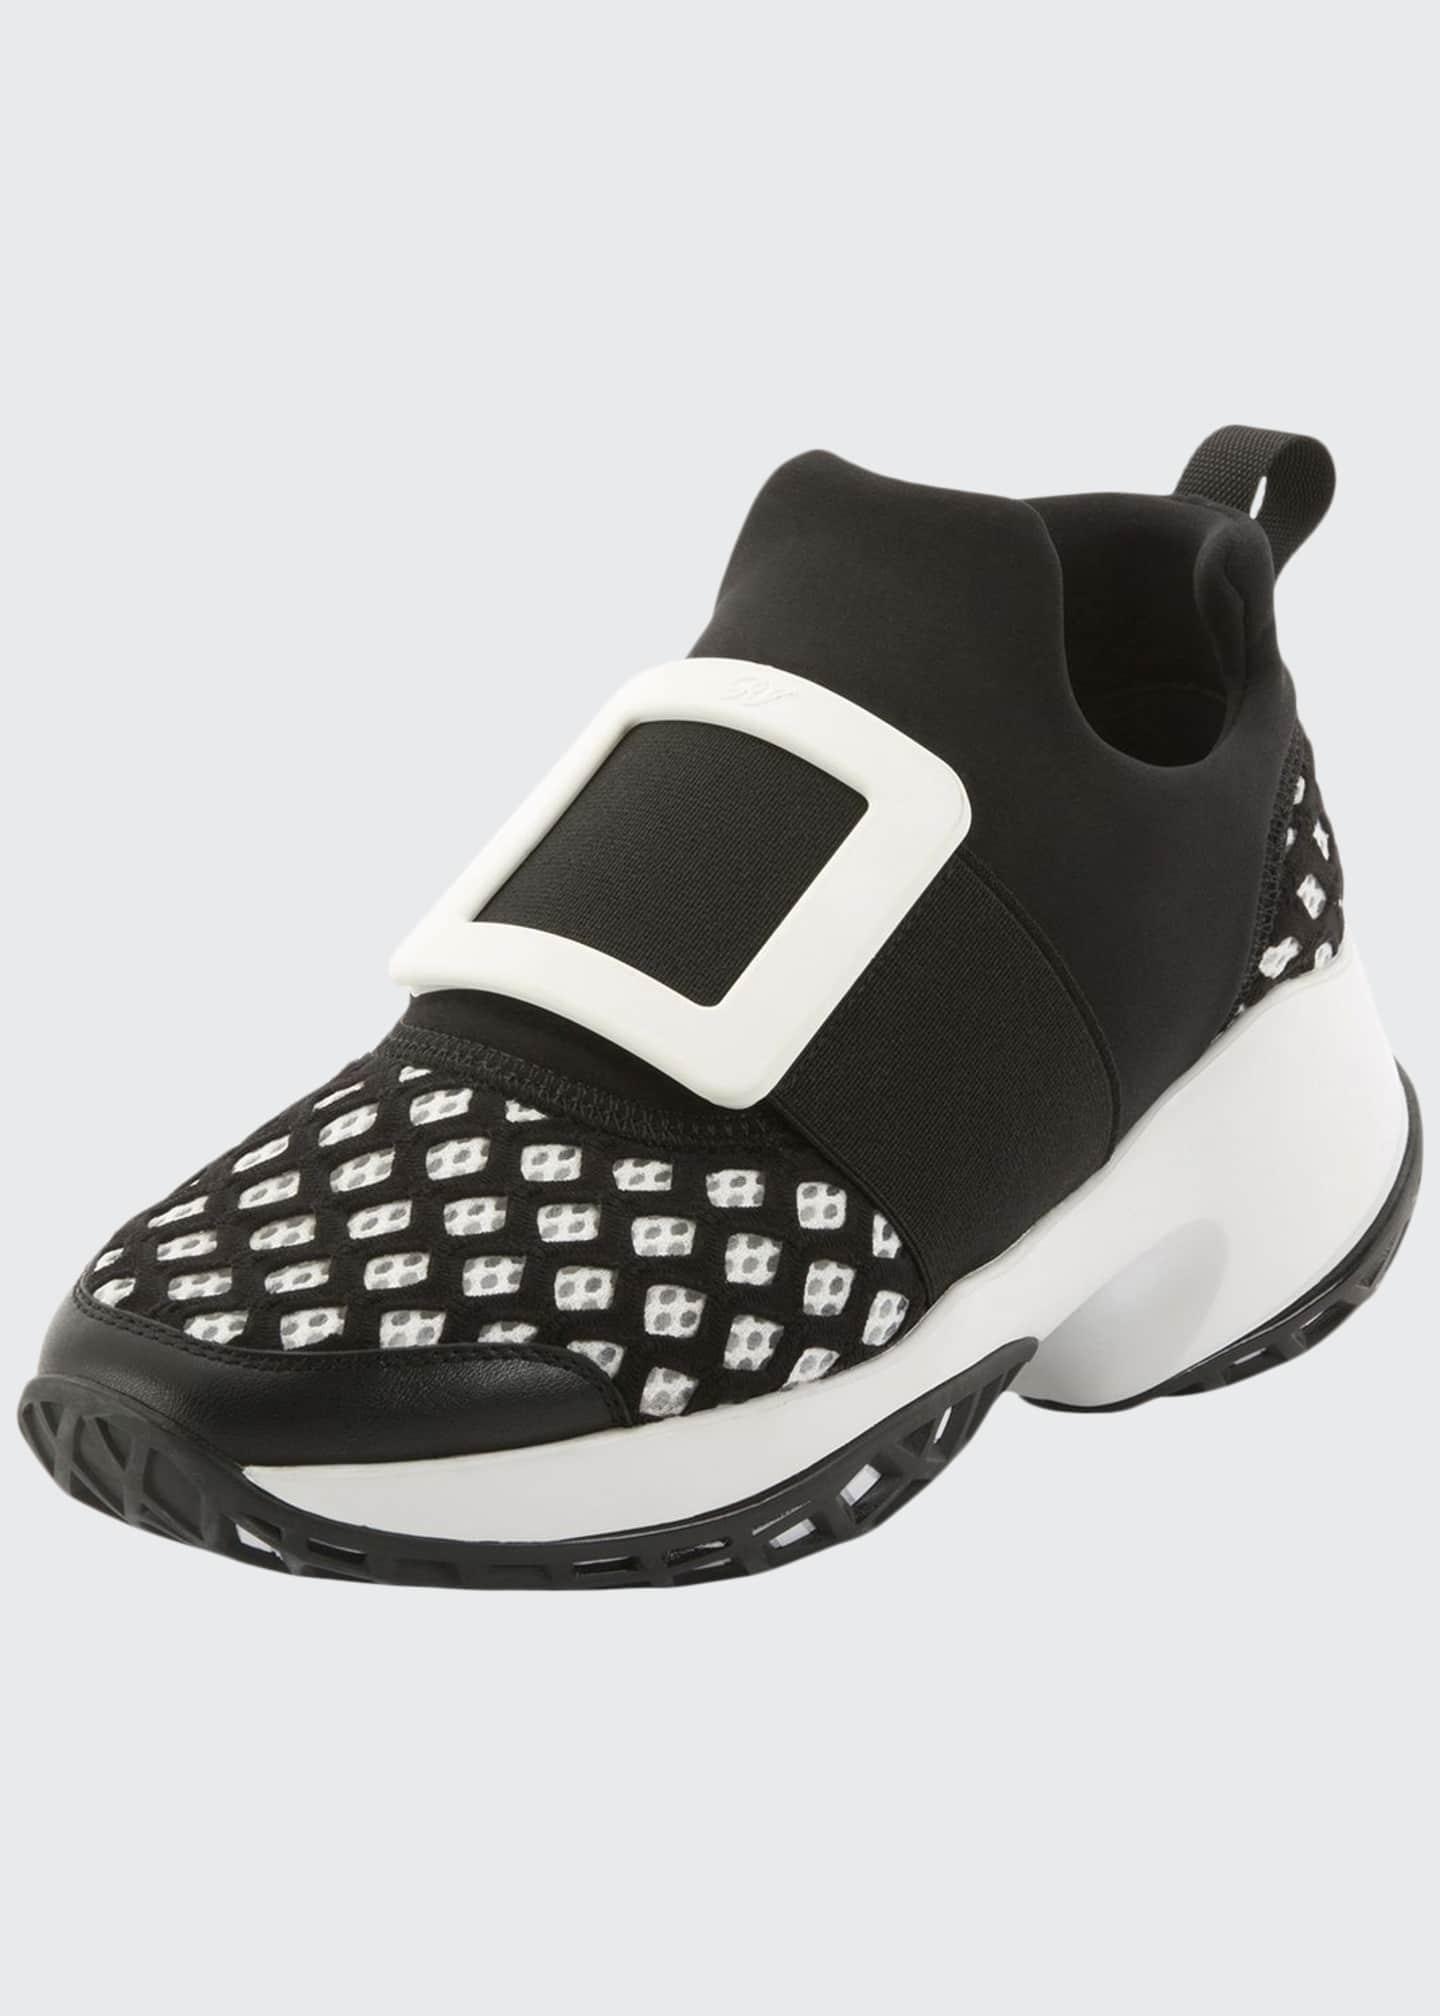 Roger Vivier Running Neoprene Buckle Snea